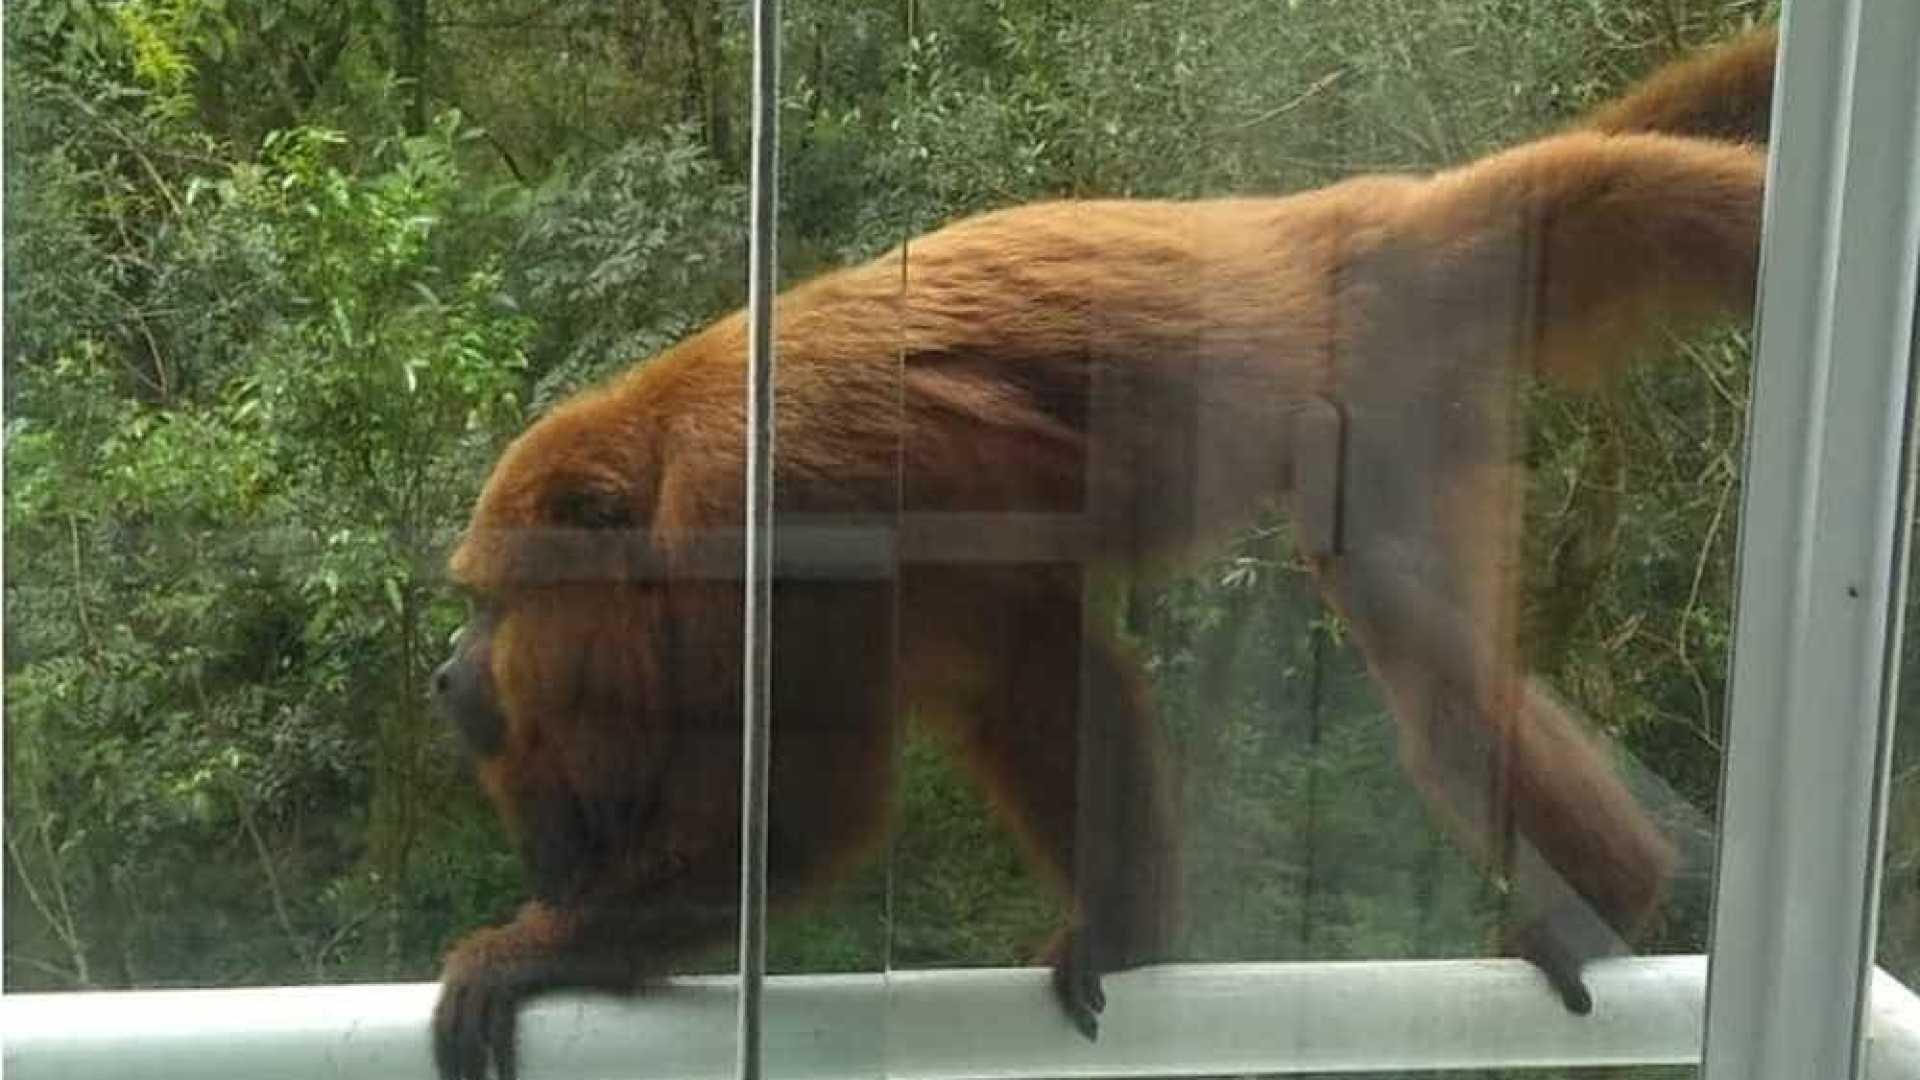 Bebê é atacado dentro de casa por macaco, em Araucária